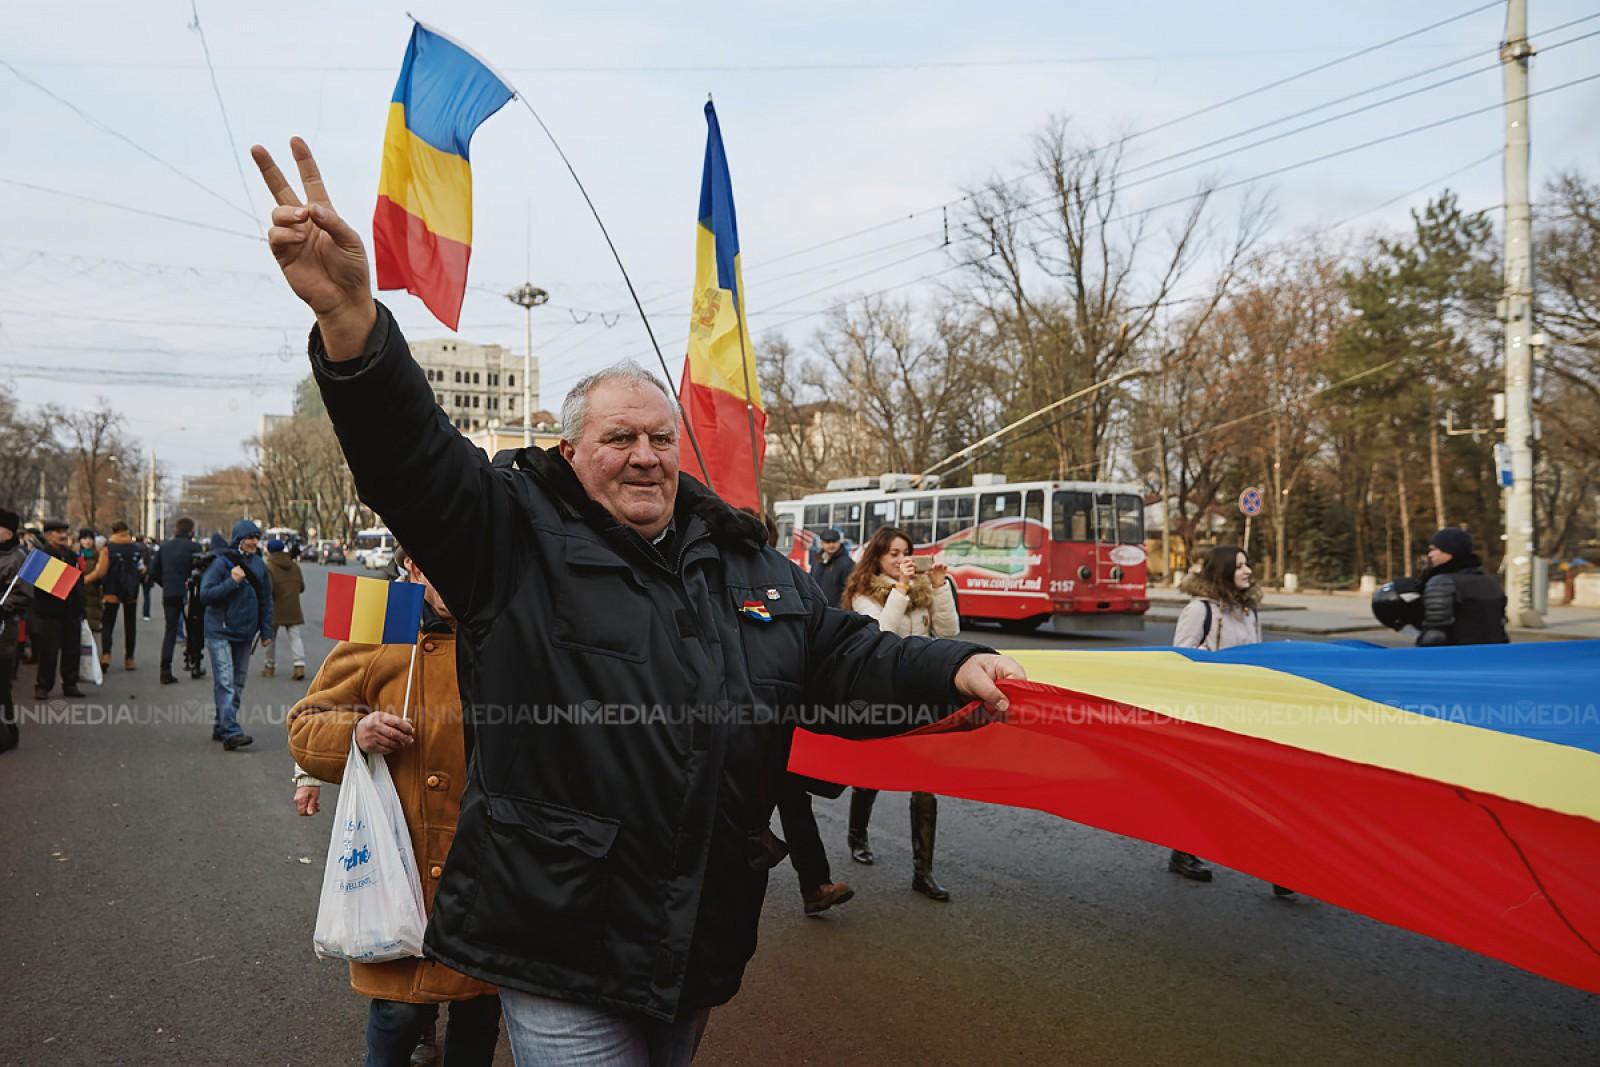 66 de localități semnatare: Comuna Horodiște din raionul Călărași a votat Unirea cu România